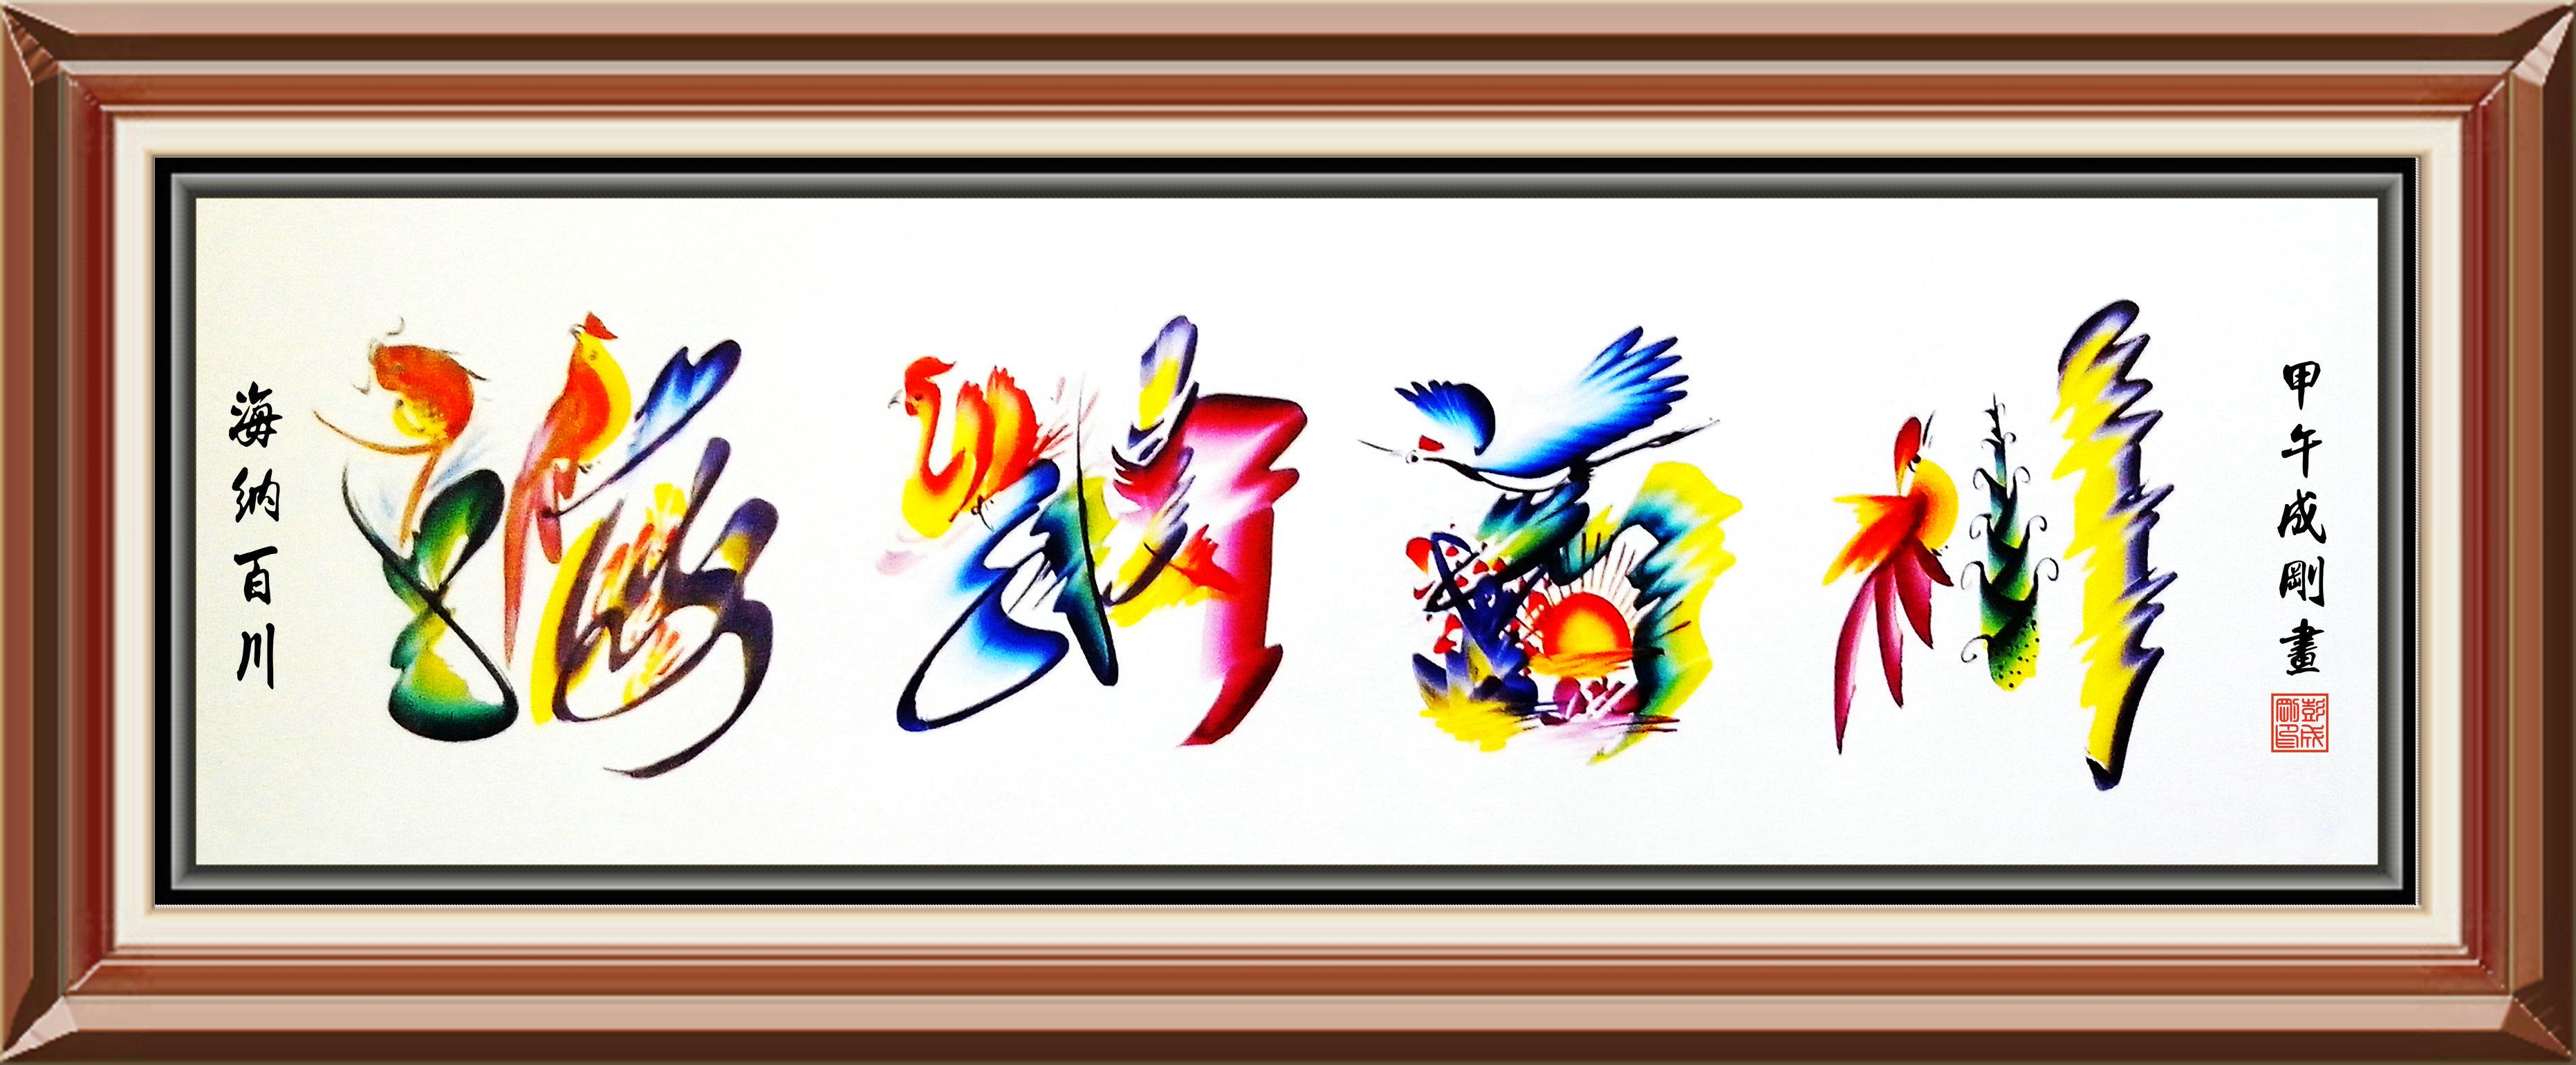 用名字作画_艺术字画名字作画姓名作画花鸟字作画,彩色手写对联,书法定制礼